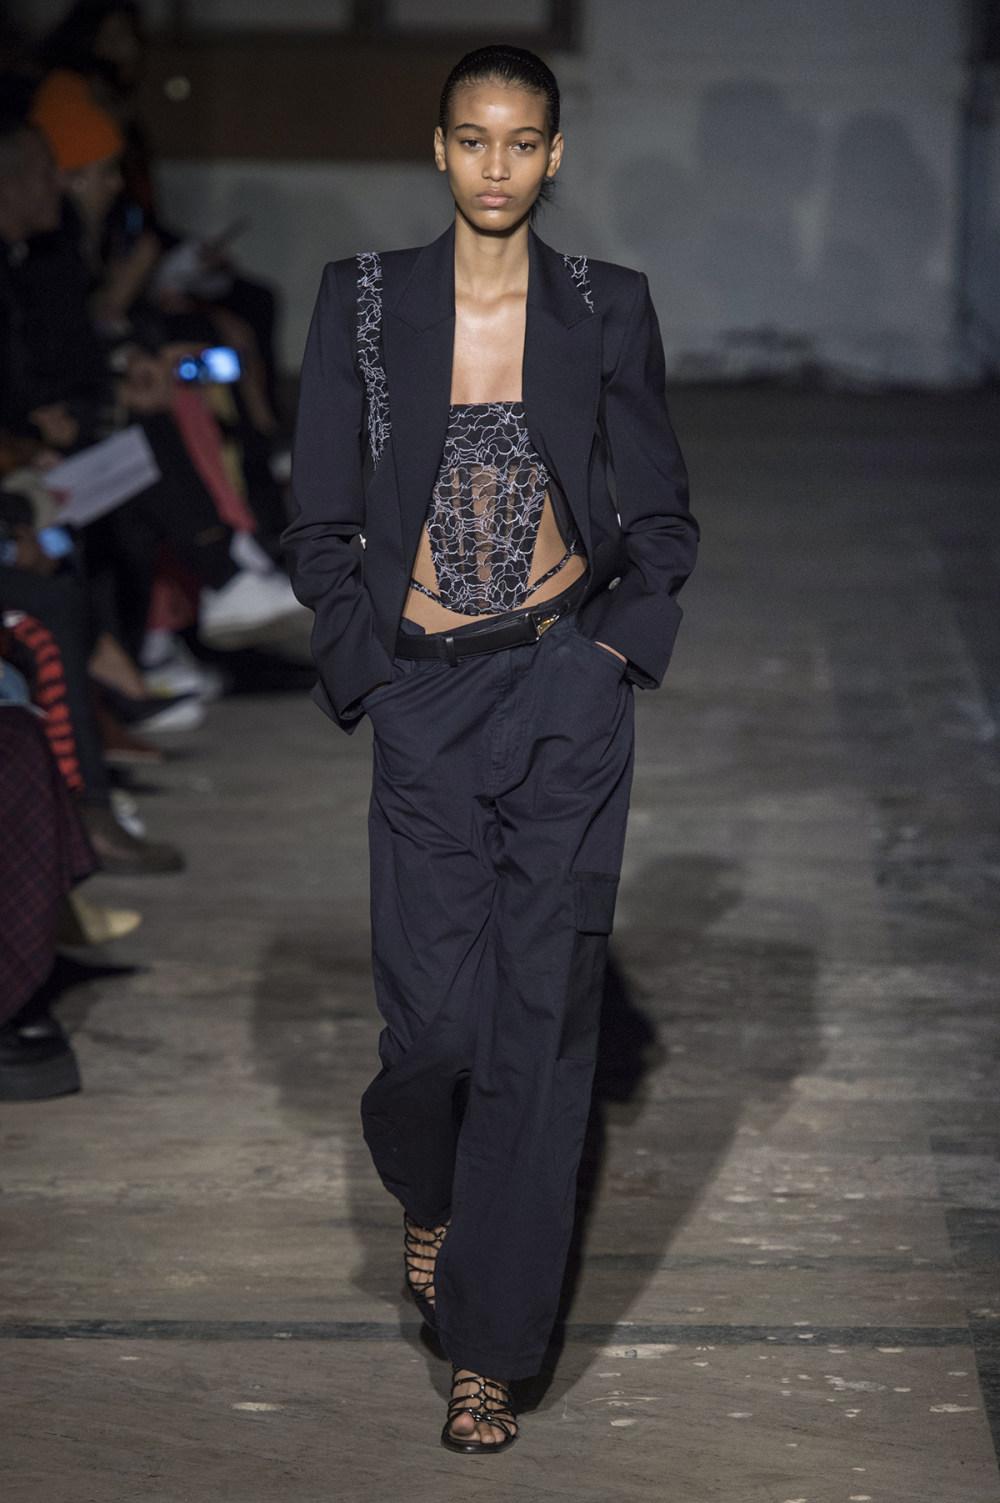 Dion Lee没有紧身衣的连衣裙被聚集或扭曲保持调色板的简约和奢华-33.jpg